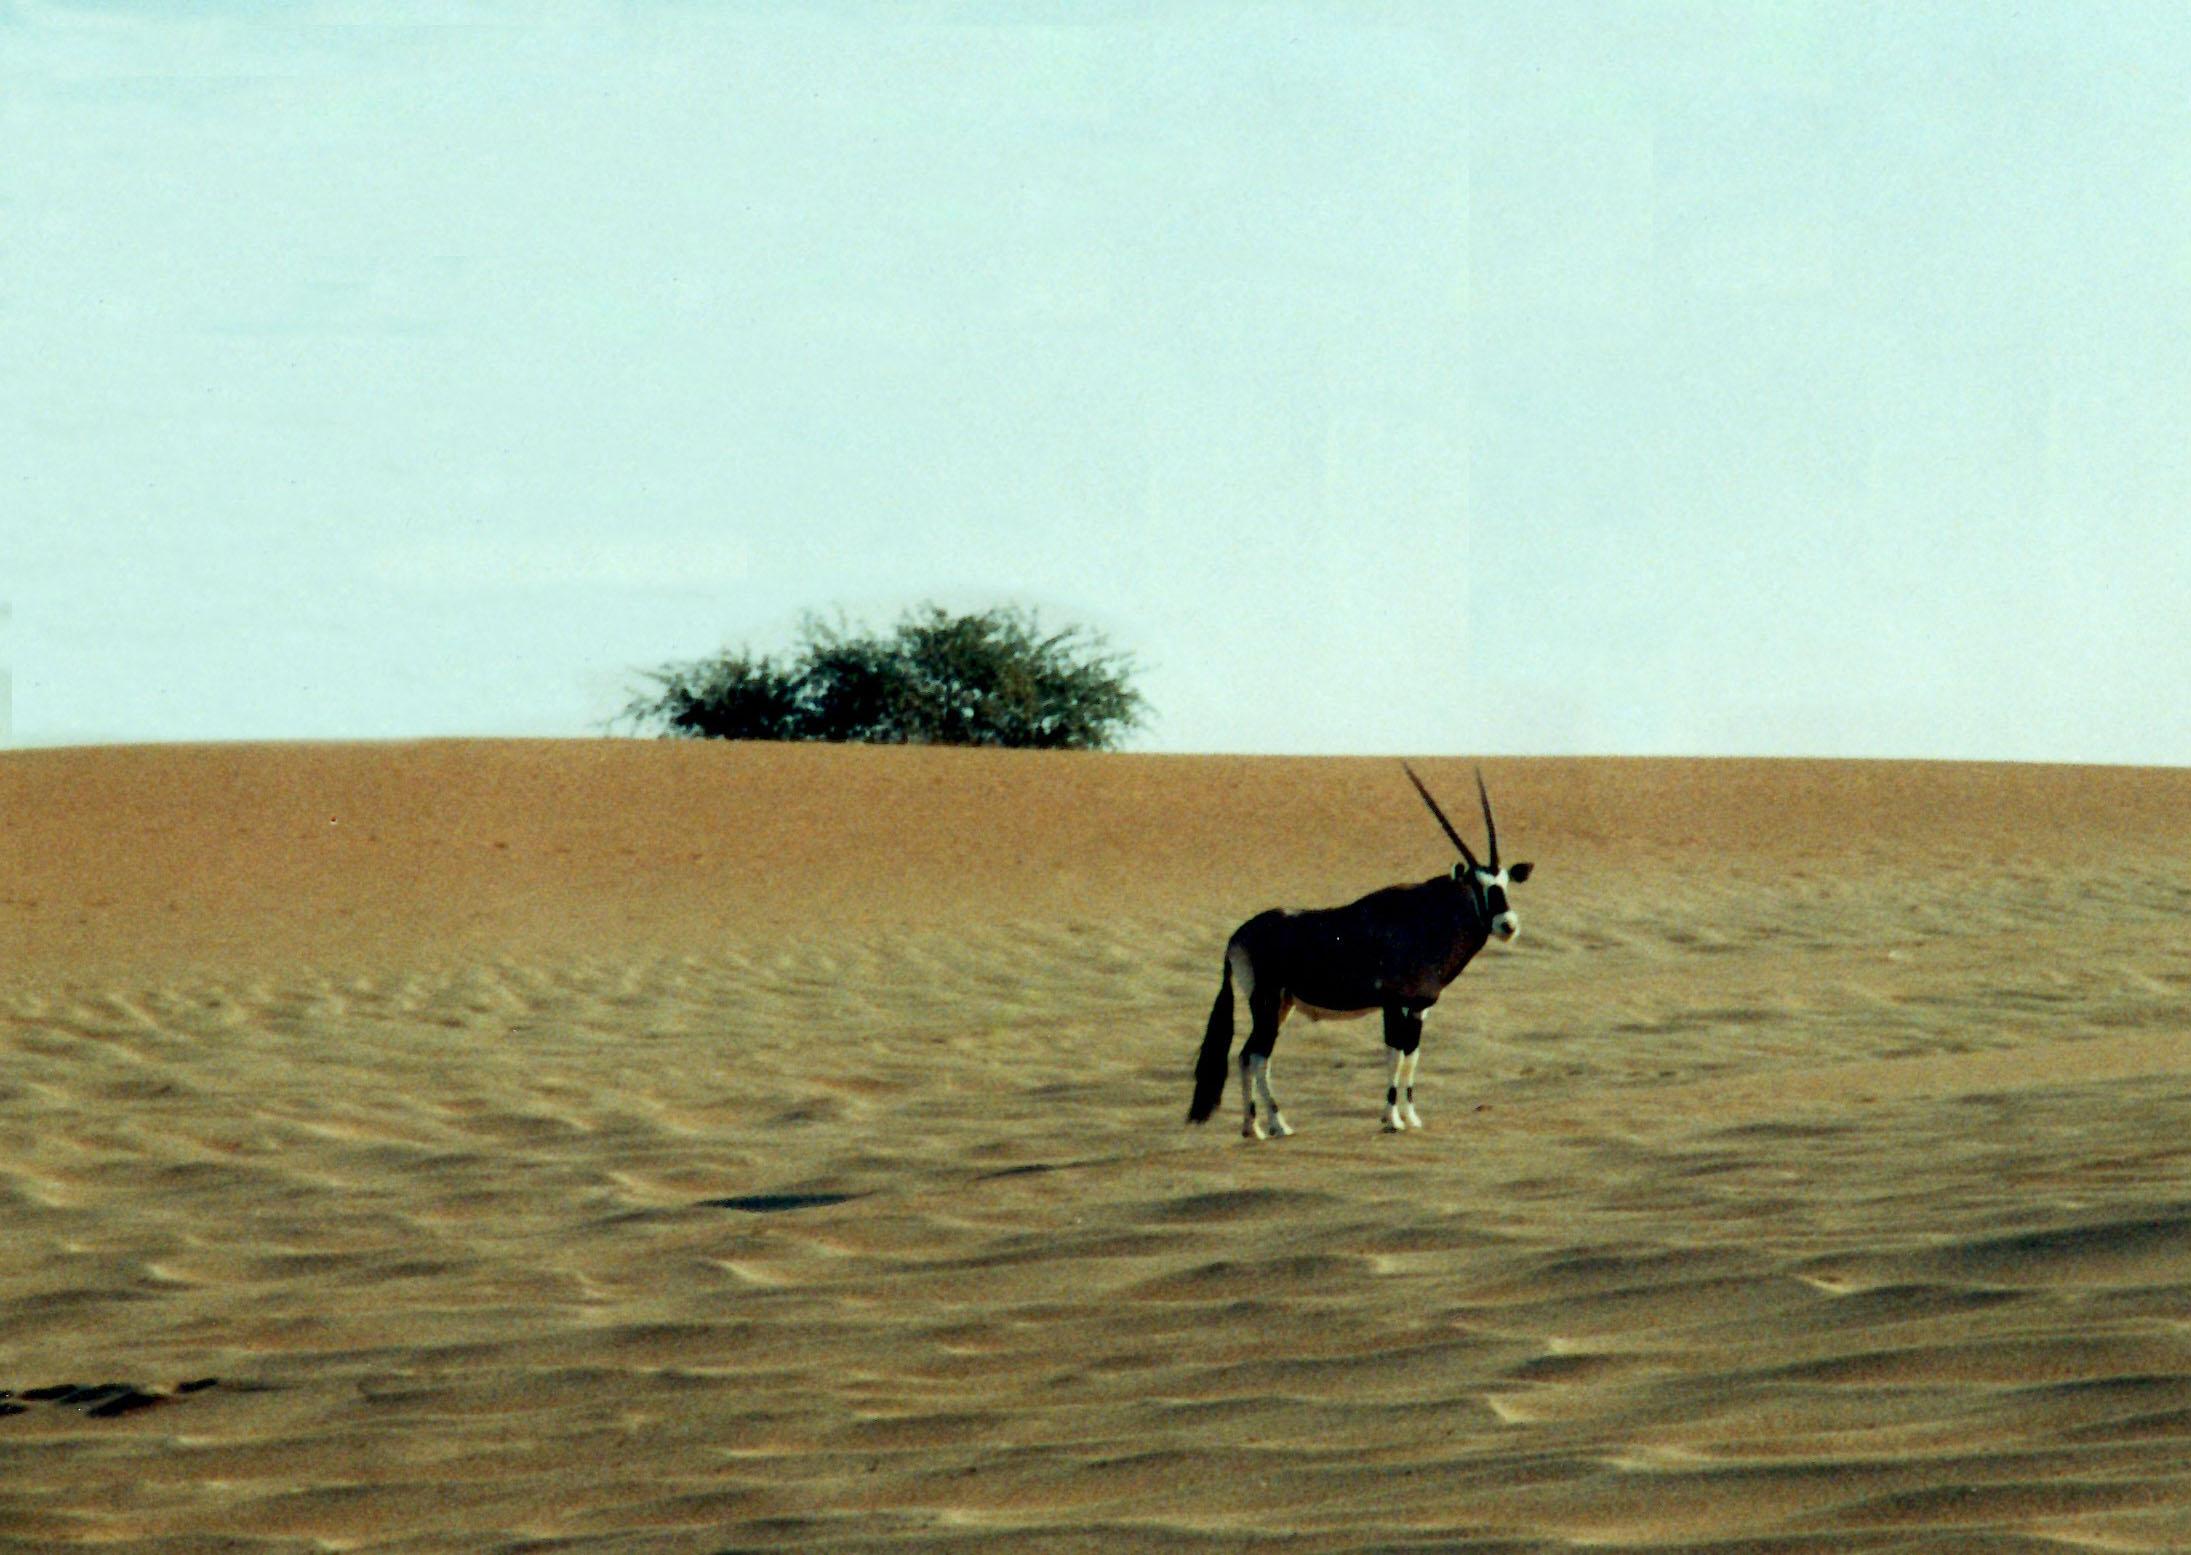 Antelope at Sossusvlei, Namibia